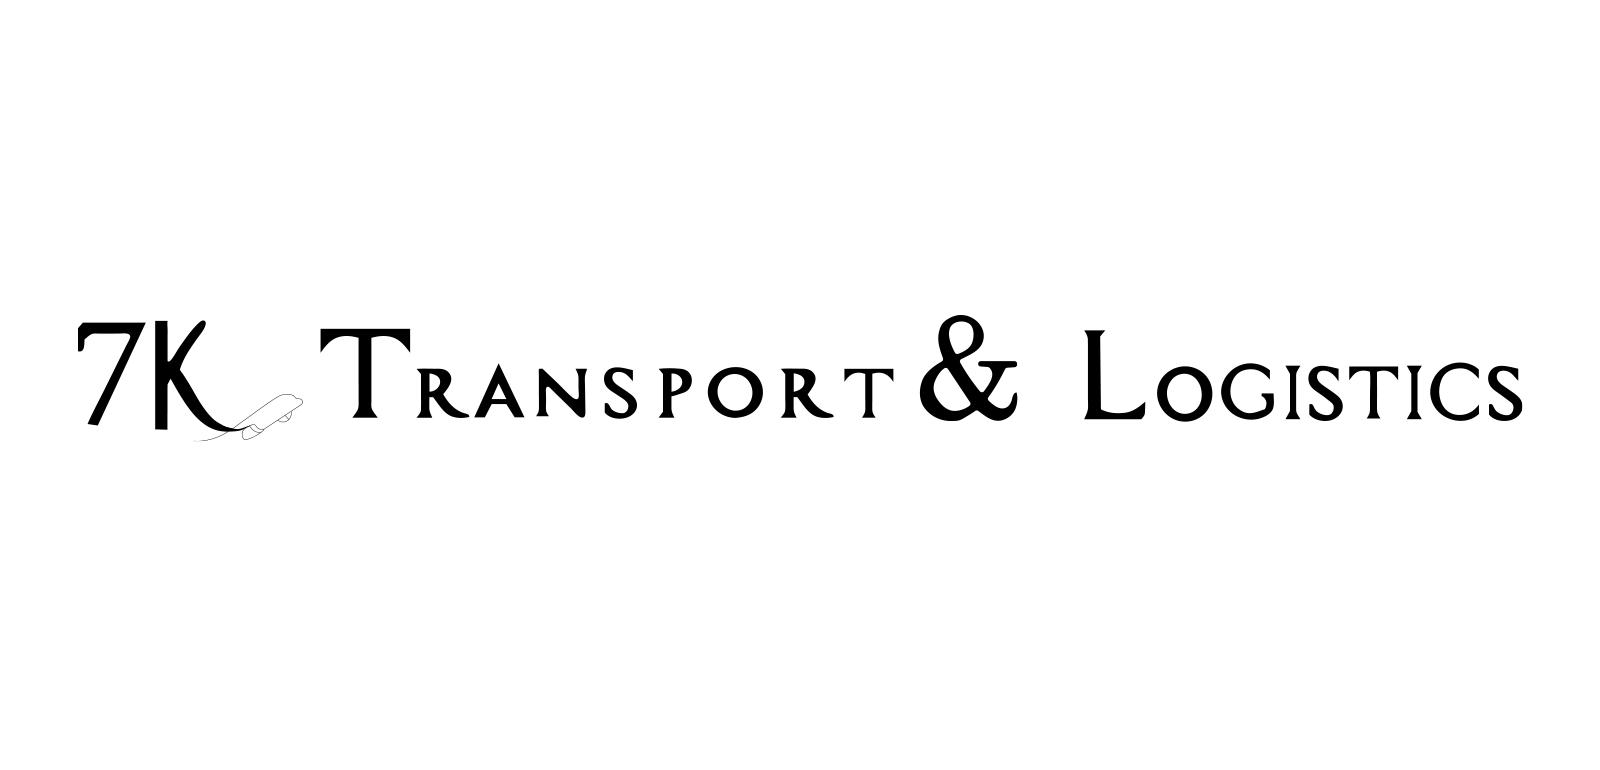 7k transport